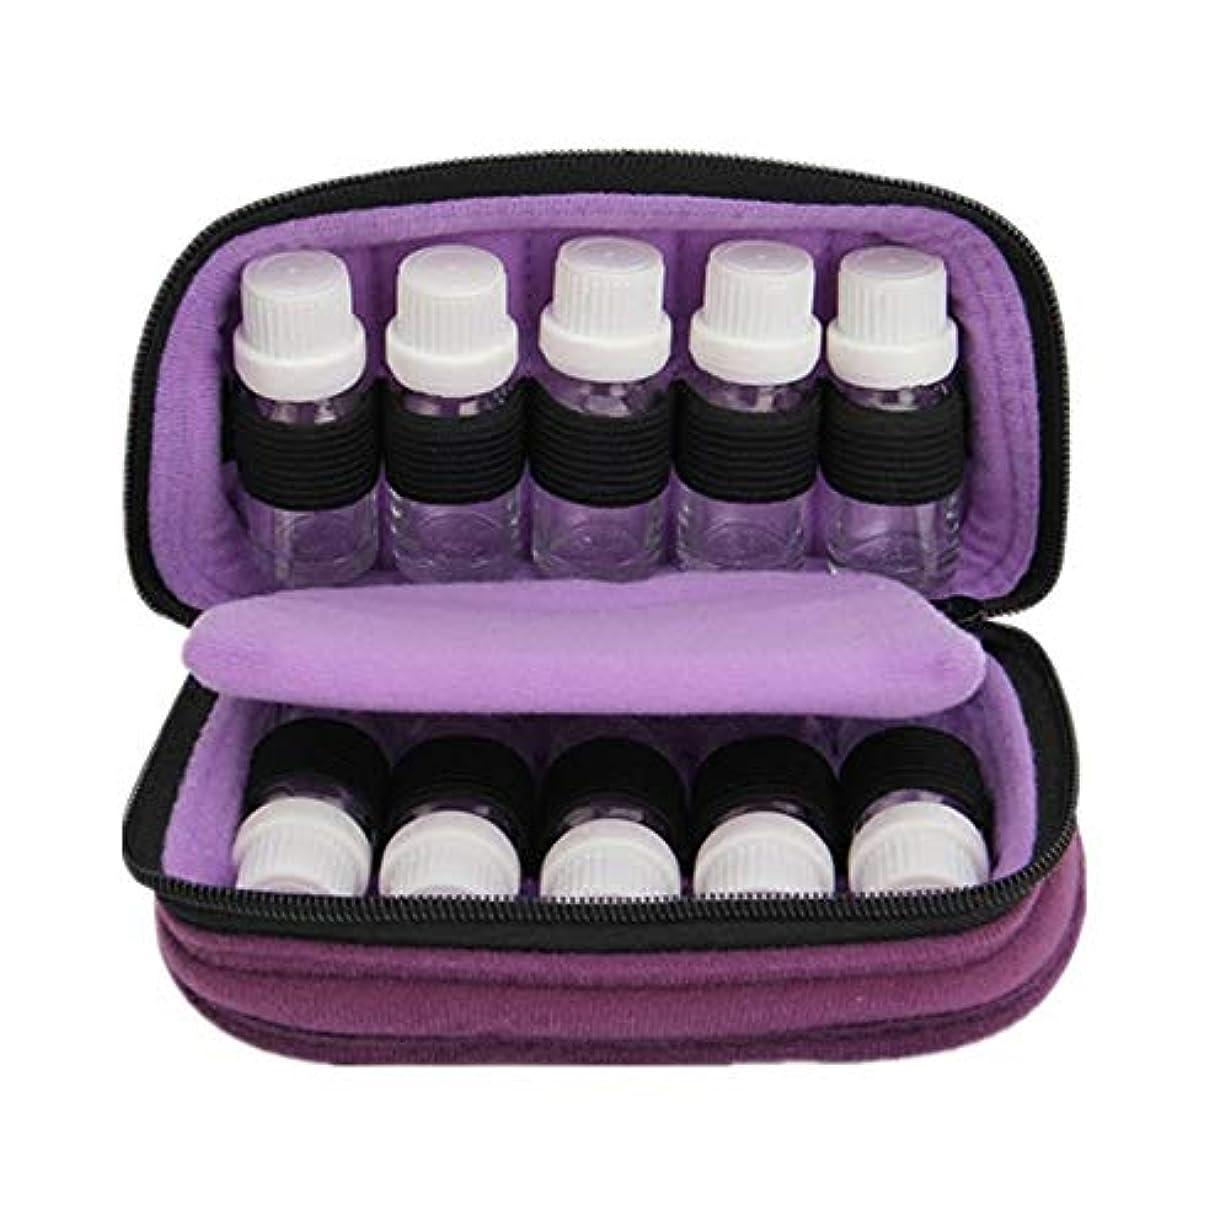 評決くびれたなのでエッセンシャルオイルの保管 ケース収納キャリング10ボトルエッセンシャルオイルは、走行用の10&15のM1トラベルオーガナイザーポーチバッグパーフェクトにフィット (色 : 紫の, サイズ : 18X10X7.5CM)